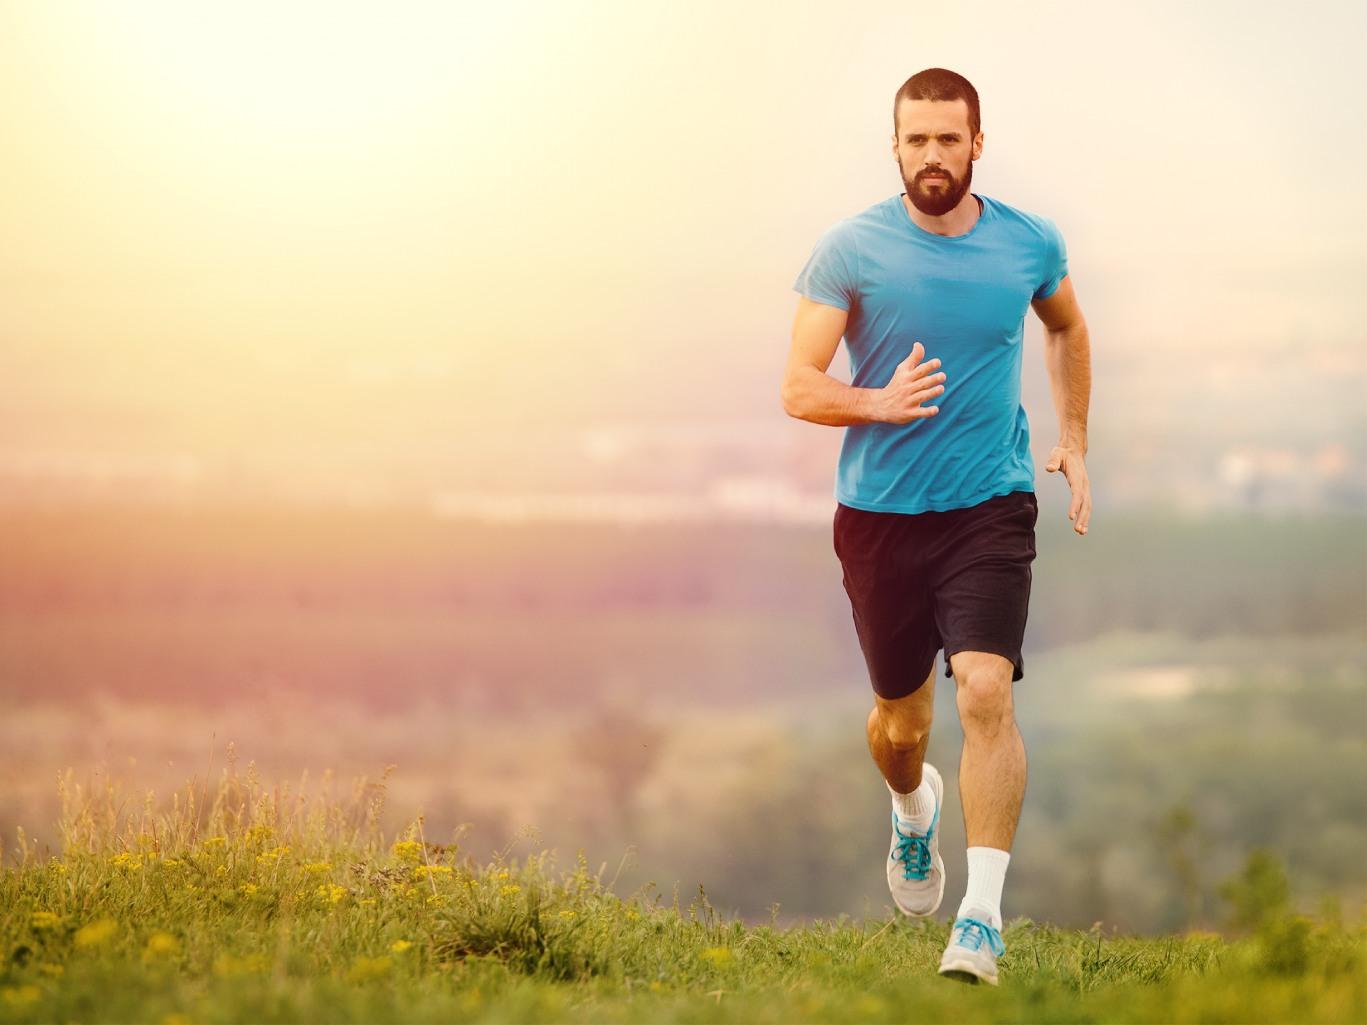 Топ-10 привычек, которые изменят твою жизнь к лучшему